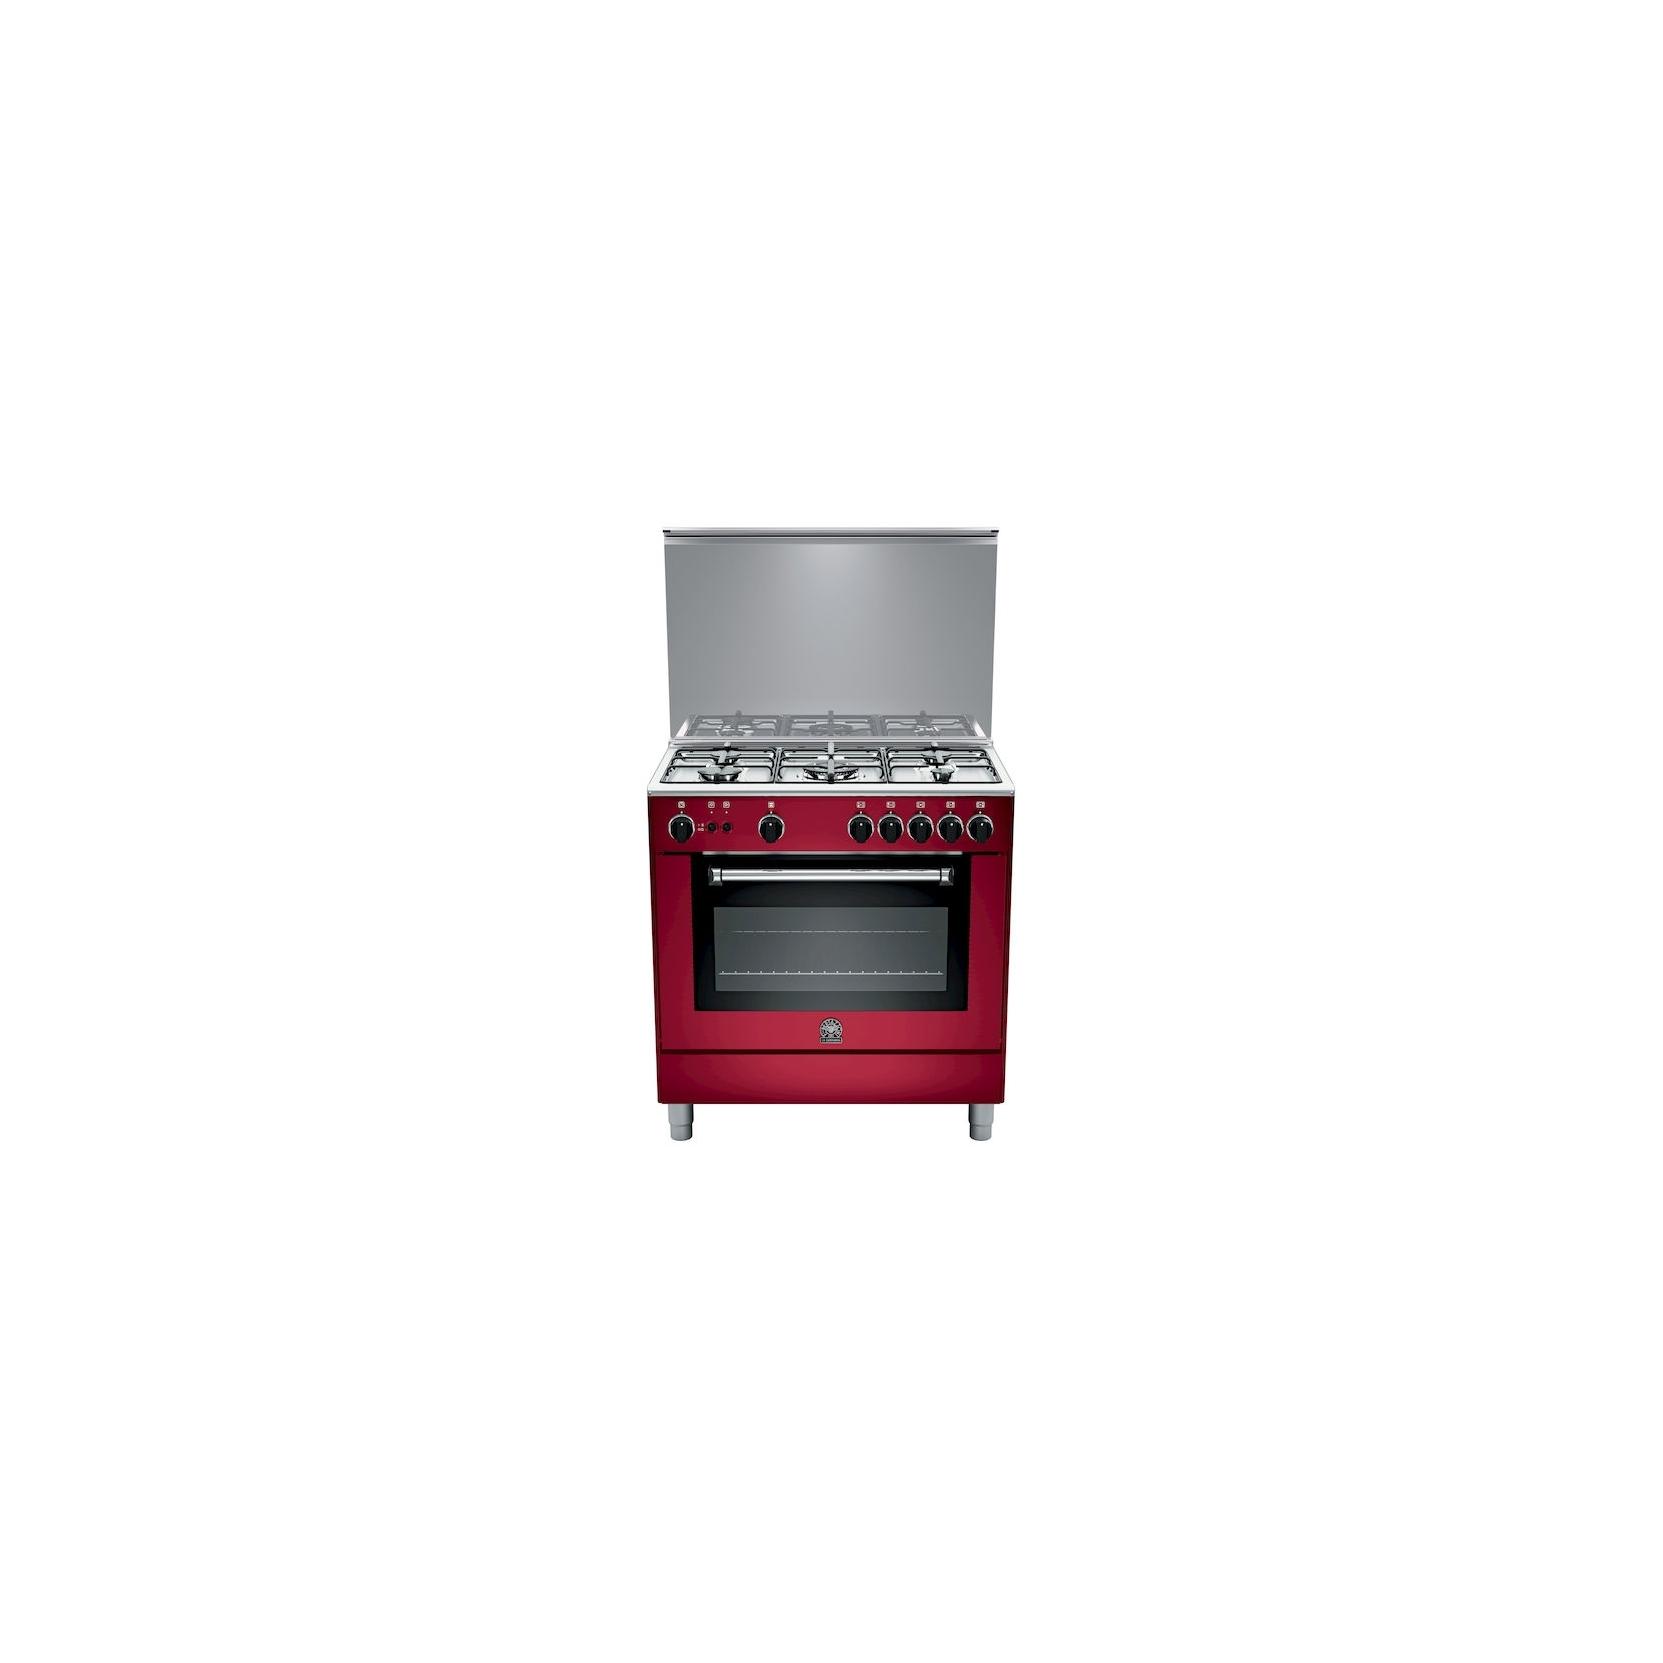 Cucina a gas la germania am85c71cvi 5 fuochi a gas forno a gas 80x50 cm colore vino elettrovillage - Cucina forno a gas ...